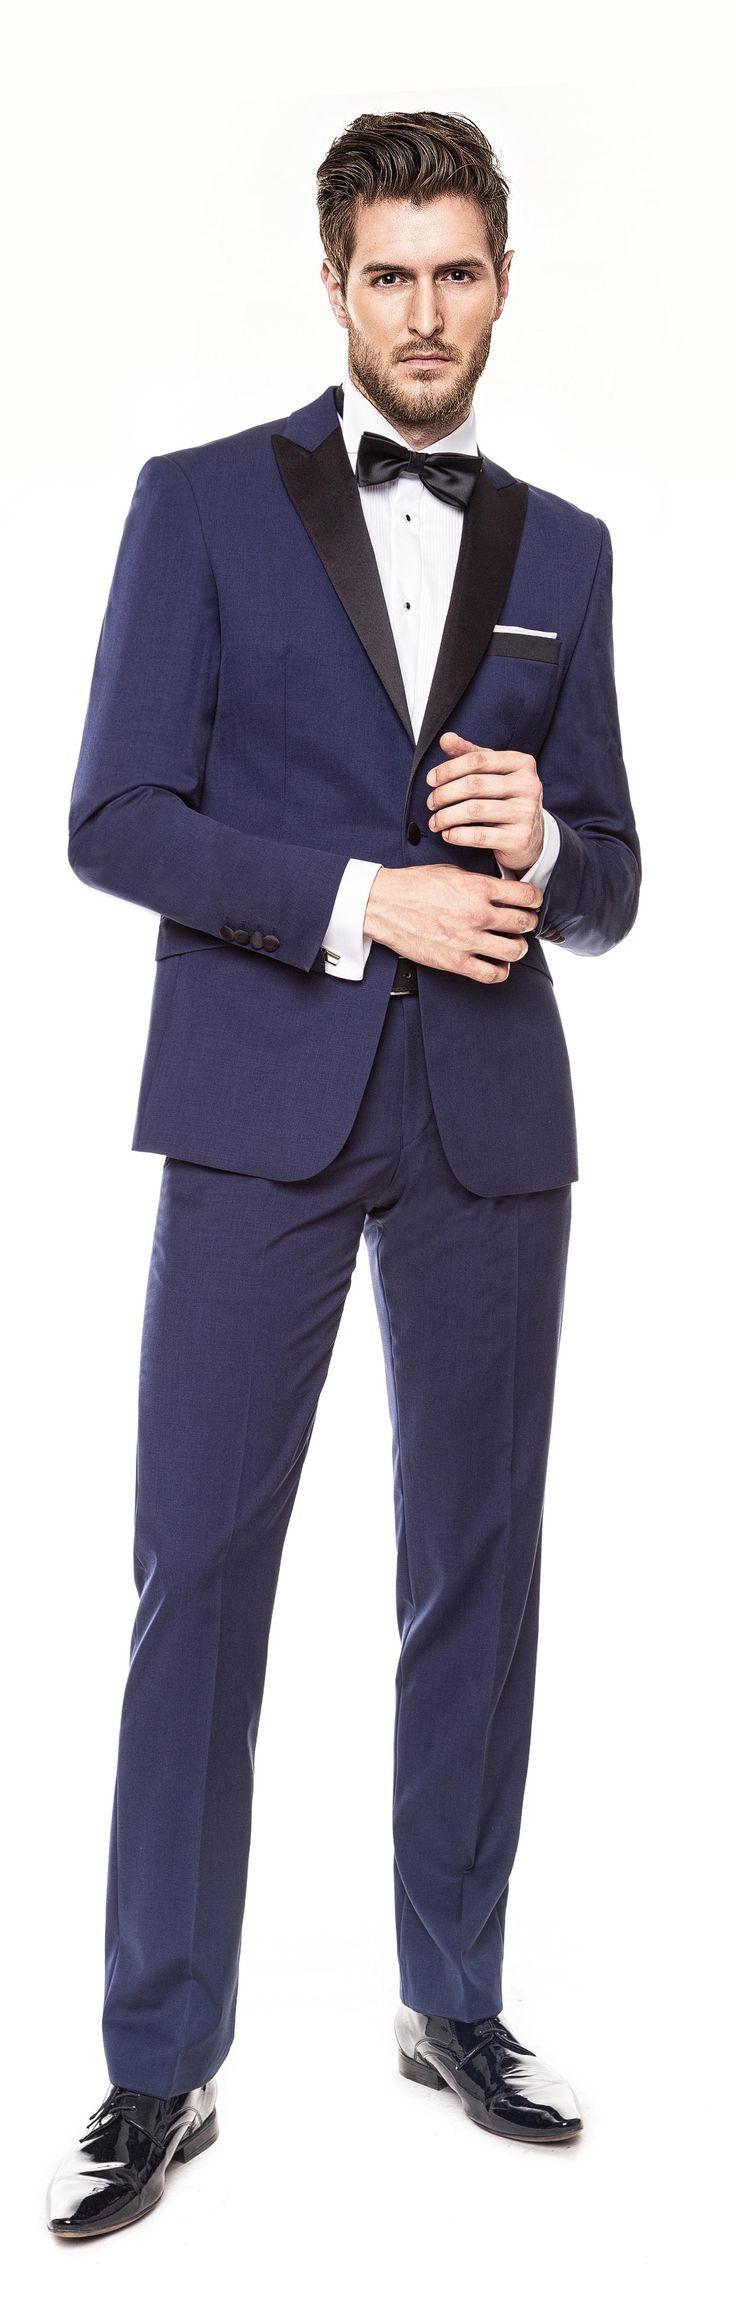 Kolekcja Giacomo Conti 2014 - granatowy garnitur inspirowany stylem smokingowym; marynarka Valerio 14/08 M1B, spodnie Marco 14/08 SB, biała koszula ślubna Adamo P slim 010. #giacomoconti